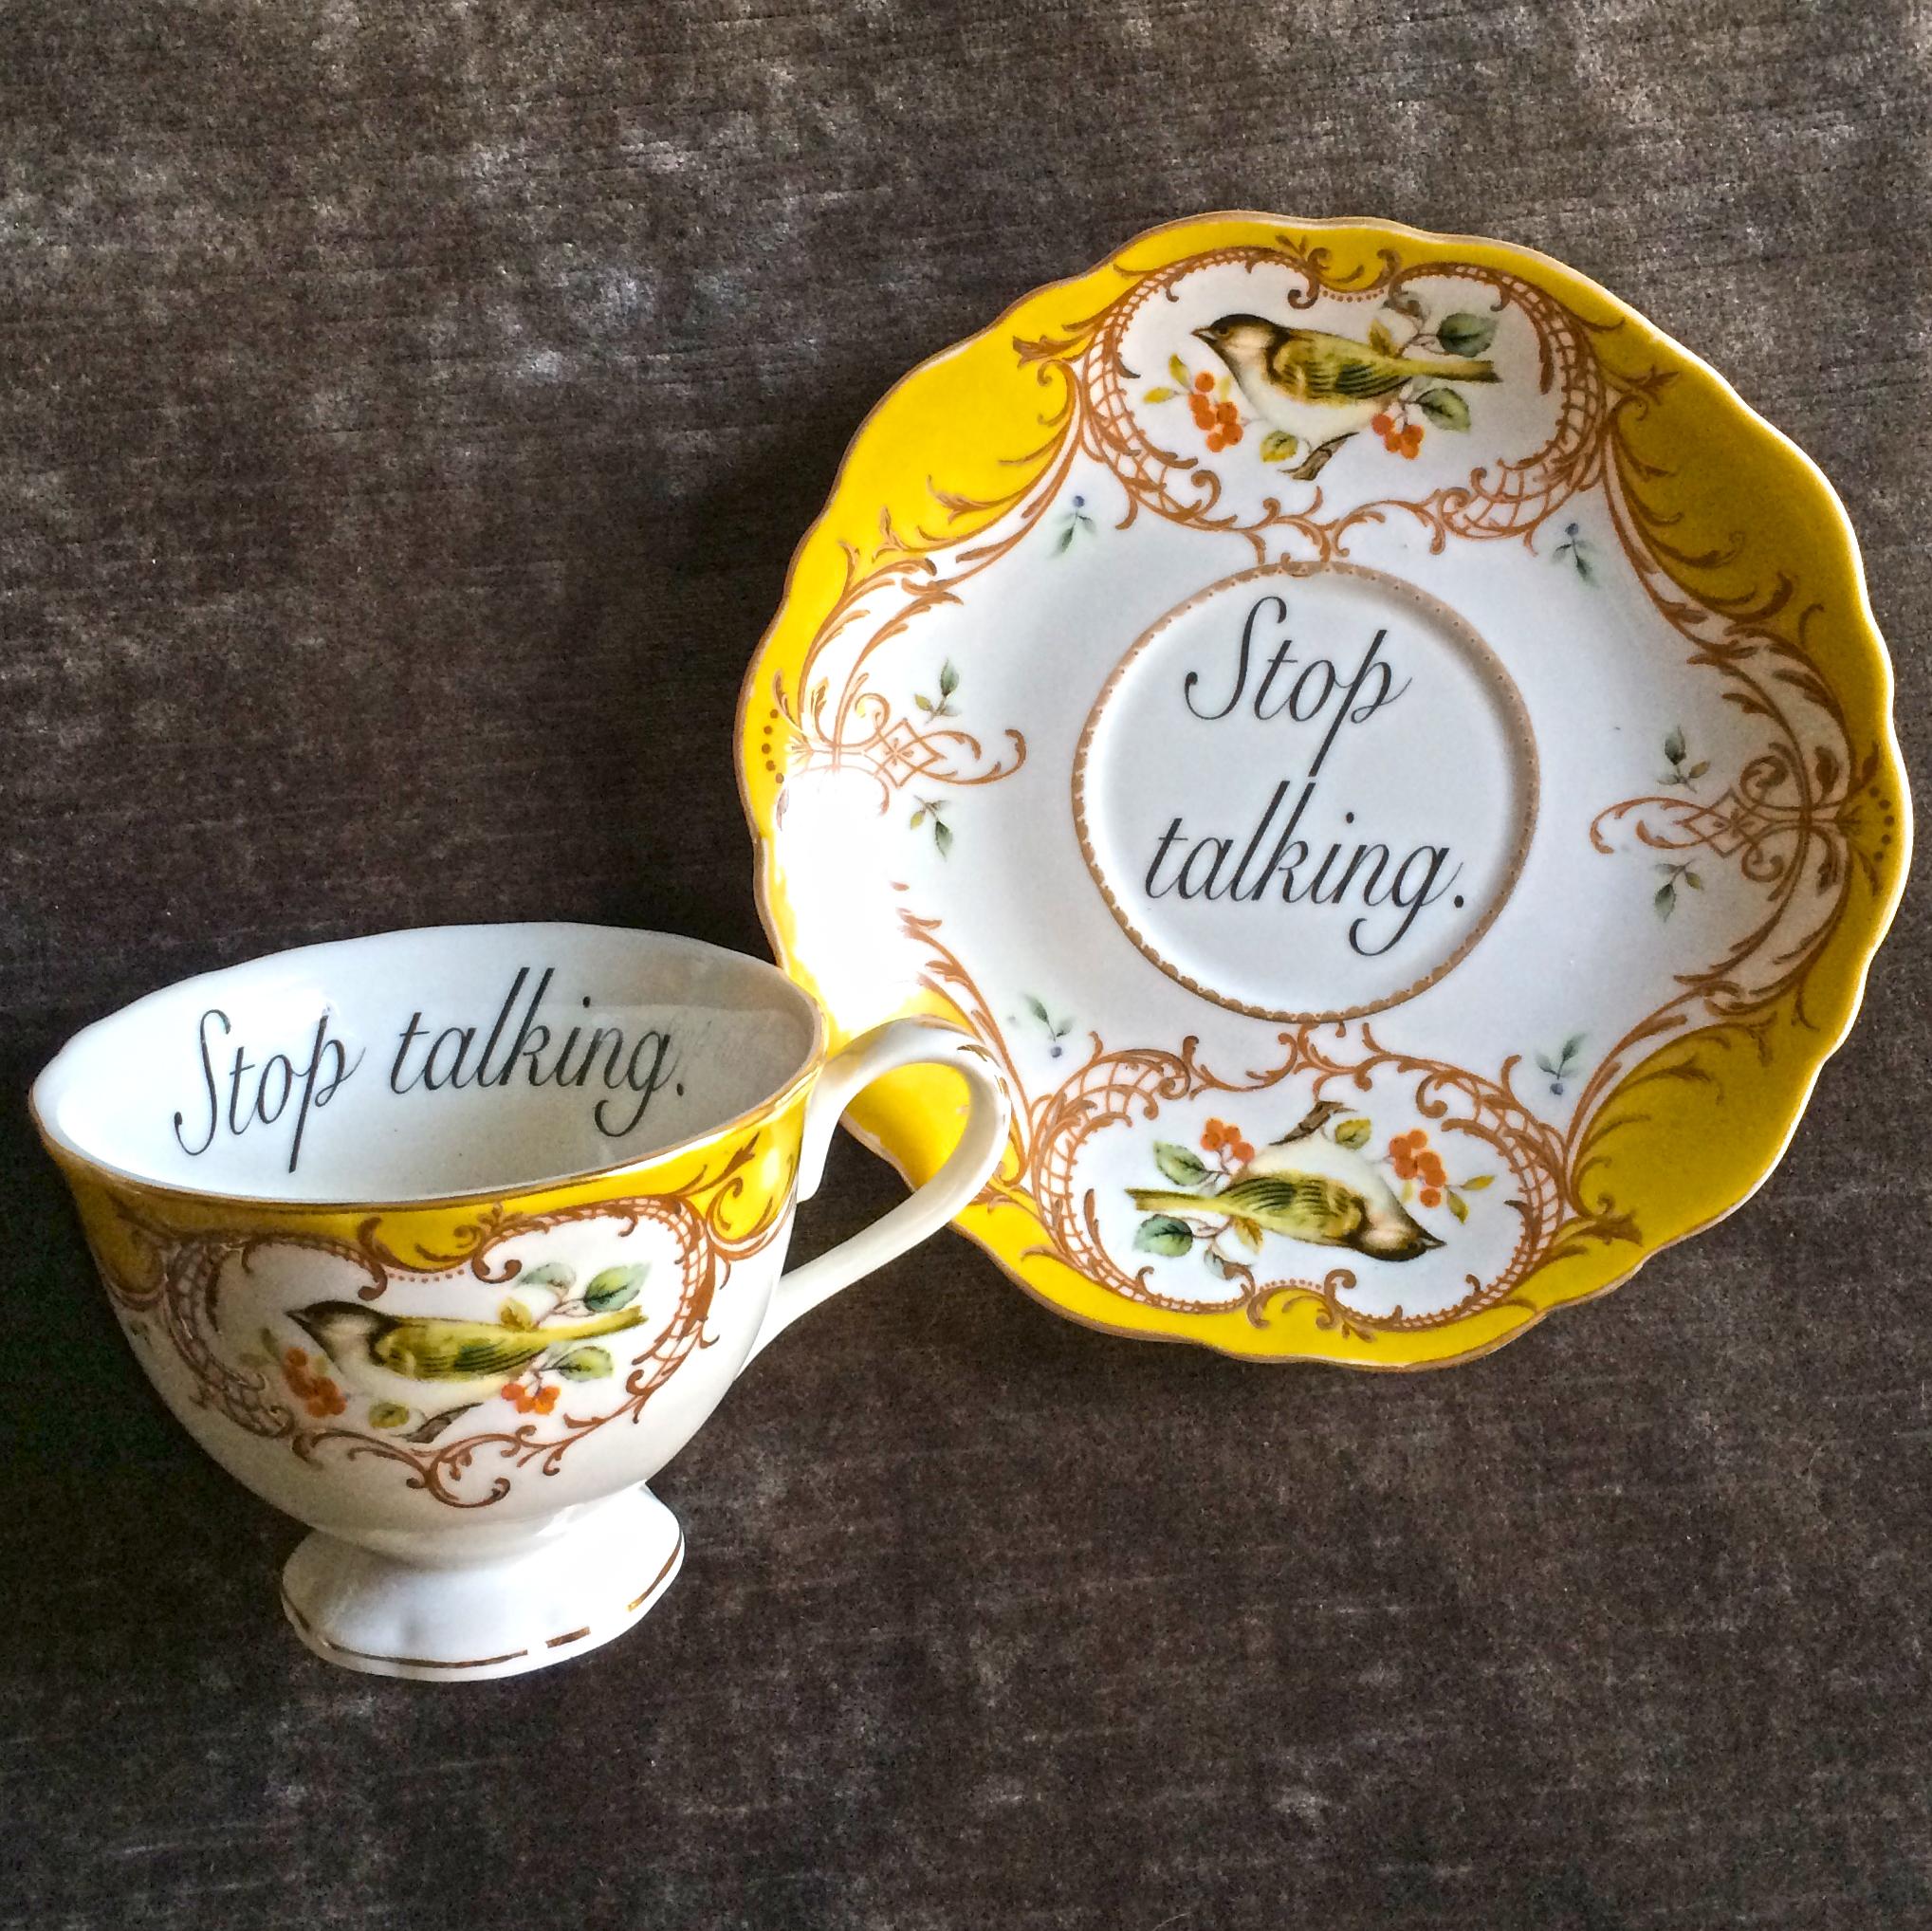 Stop talking teacup.jpg